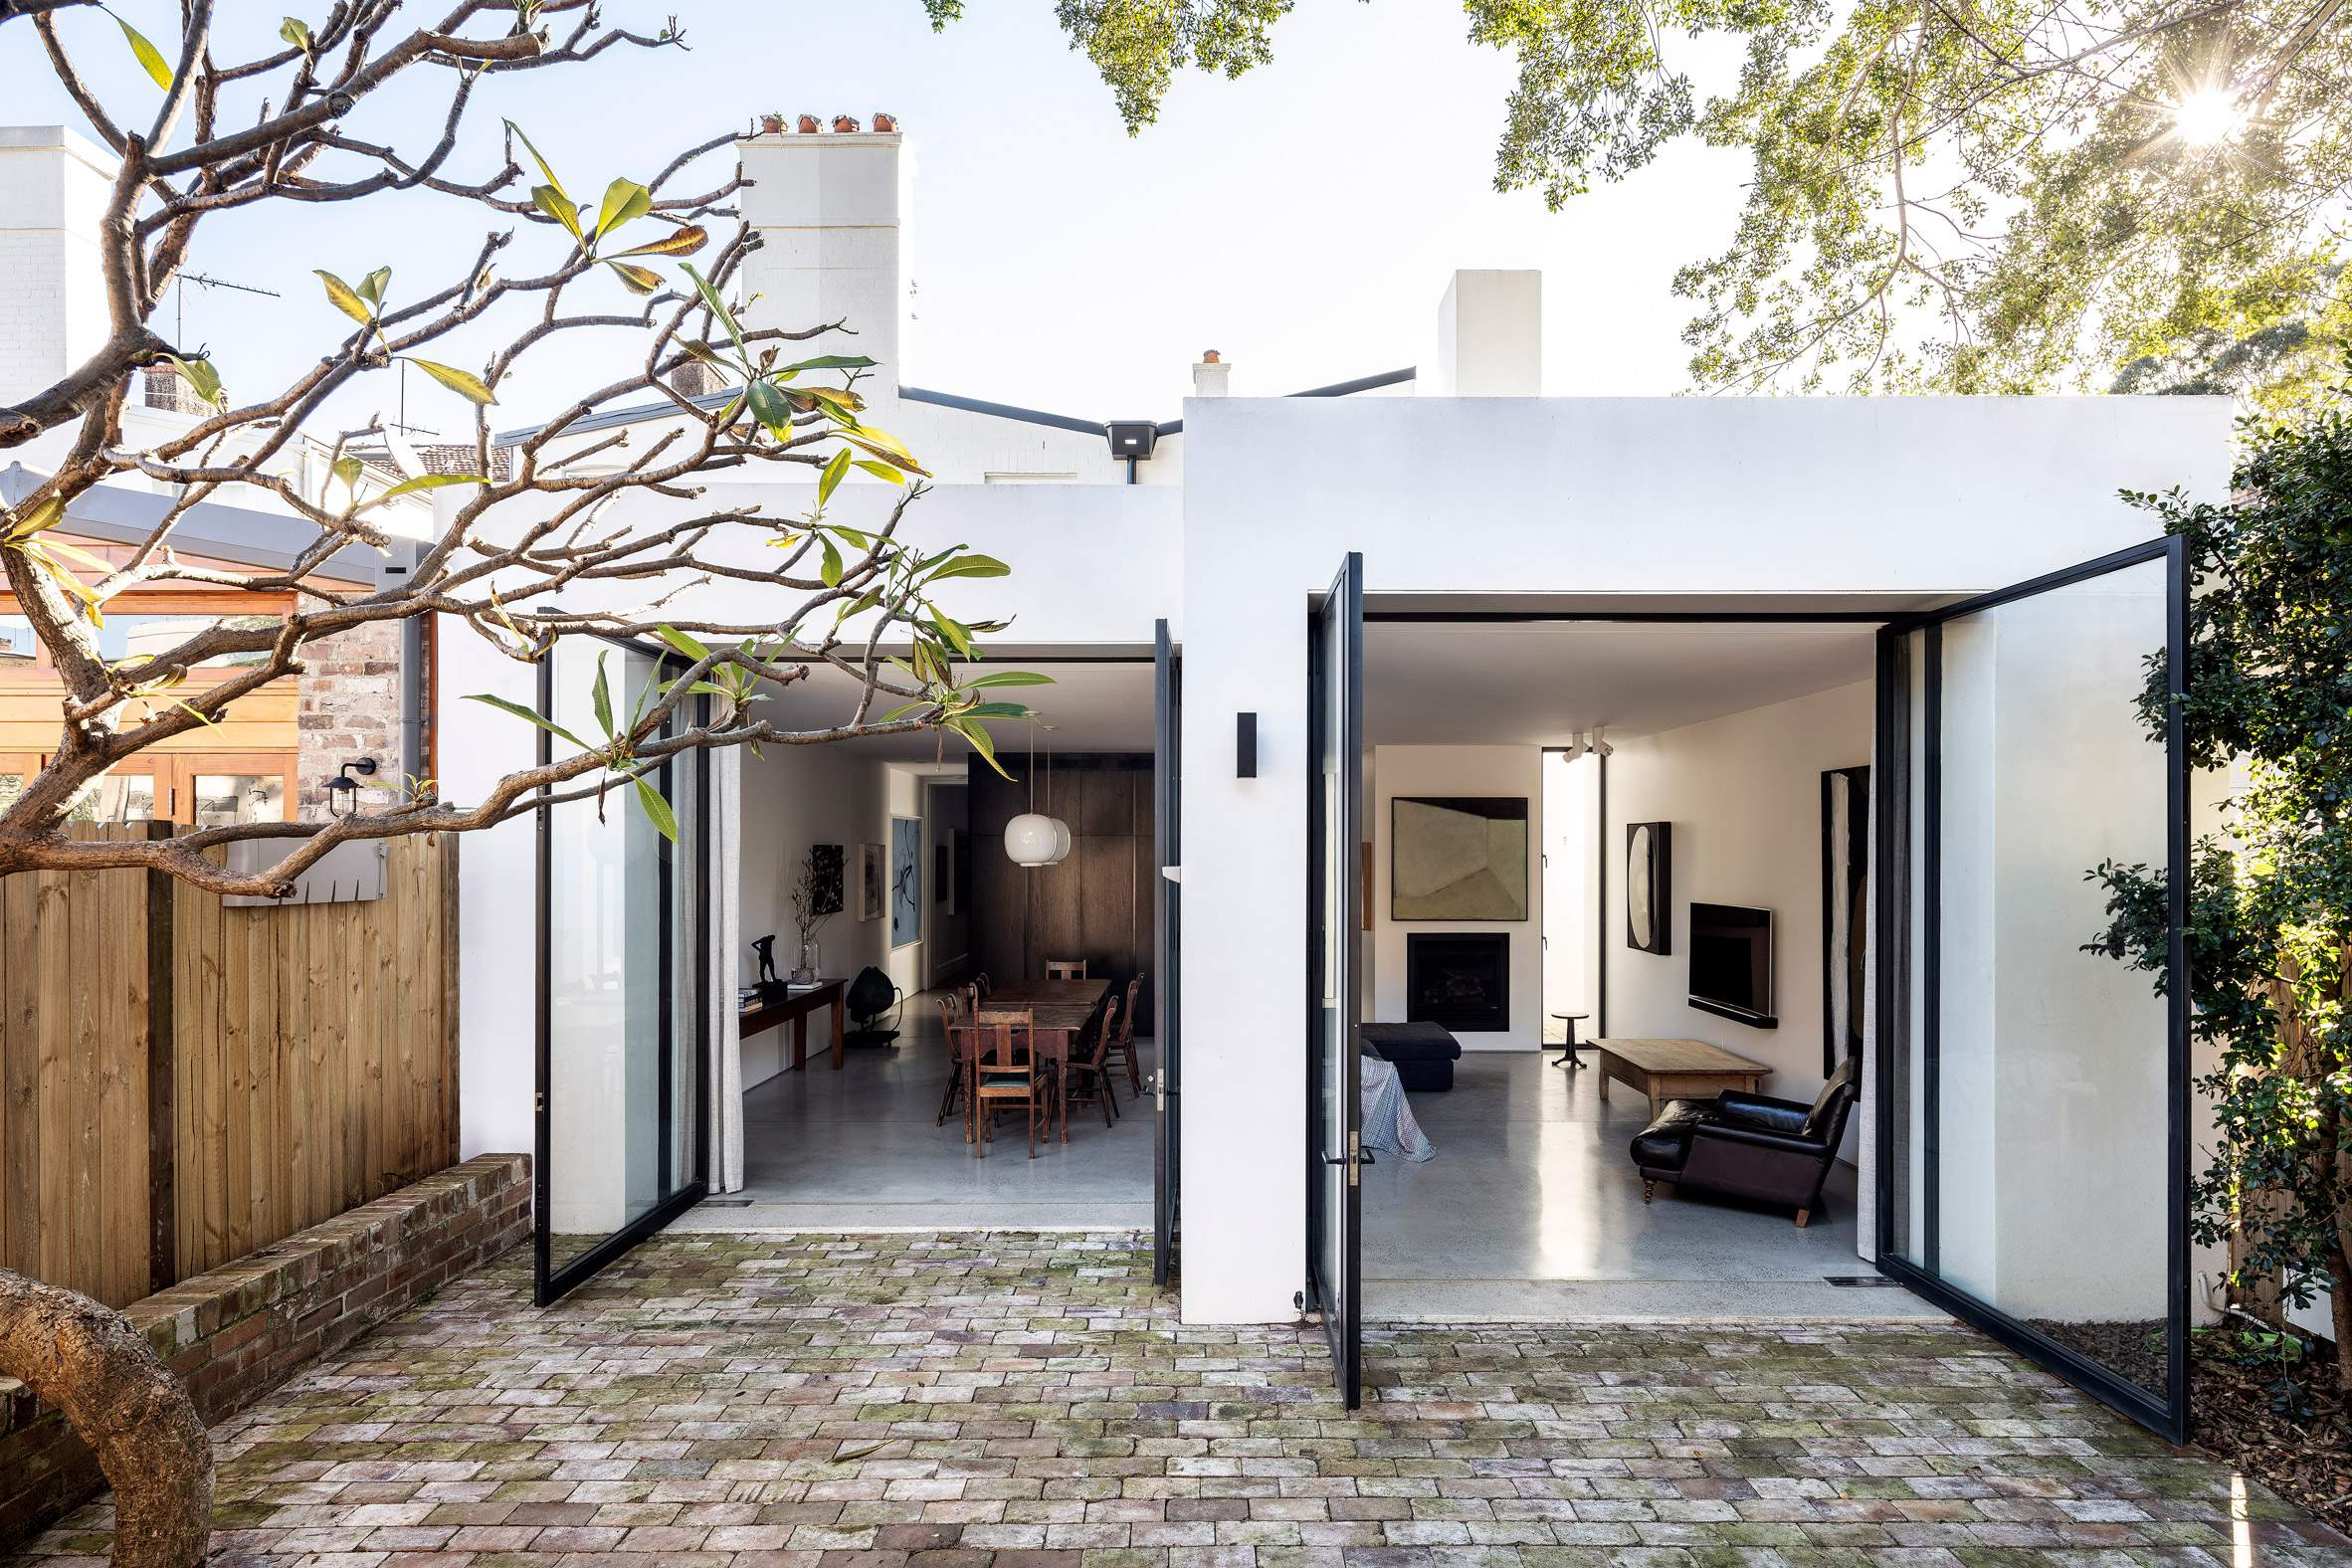 Оновлений будинок виглядає дуже естетично / Фото Deezen